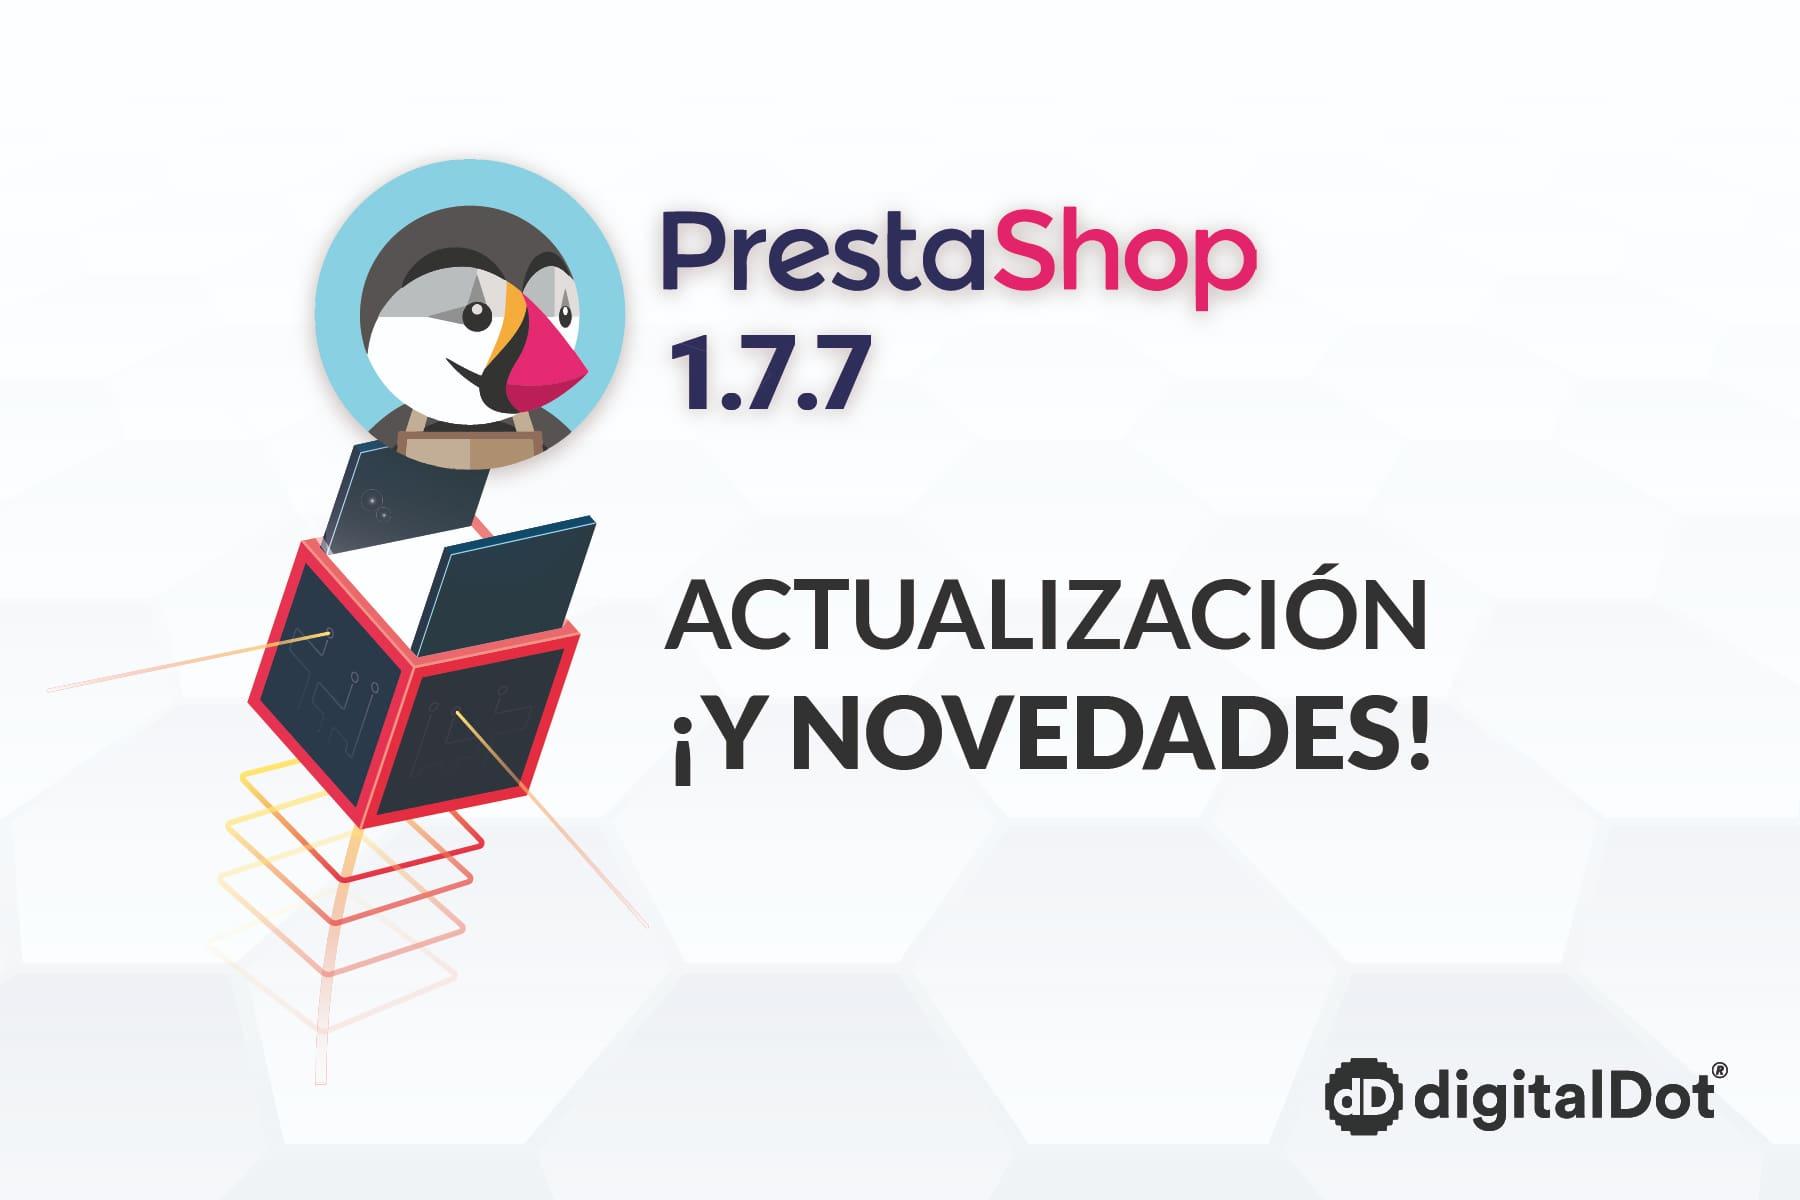 Novedades de la nueva actualización de PrestaShop 1.7.7